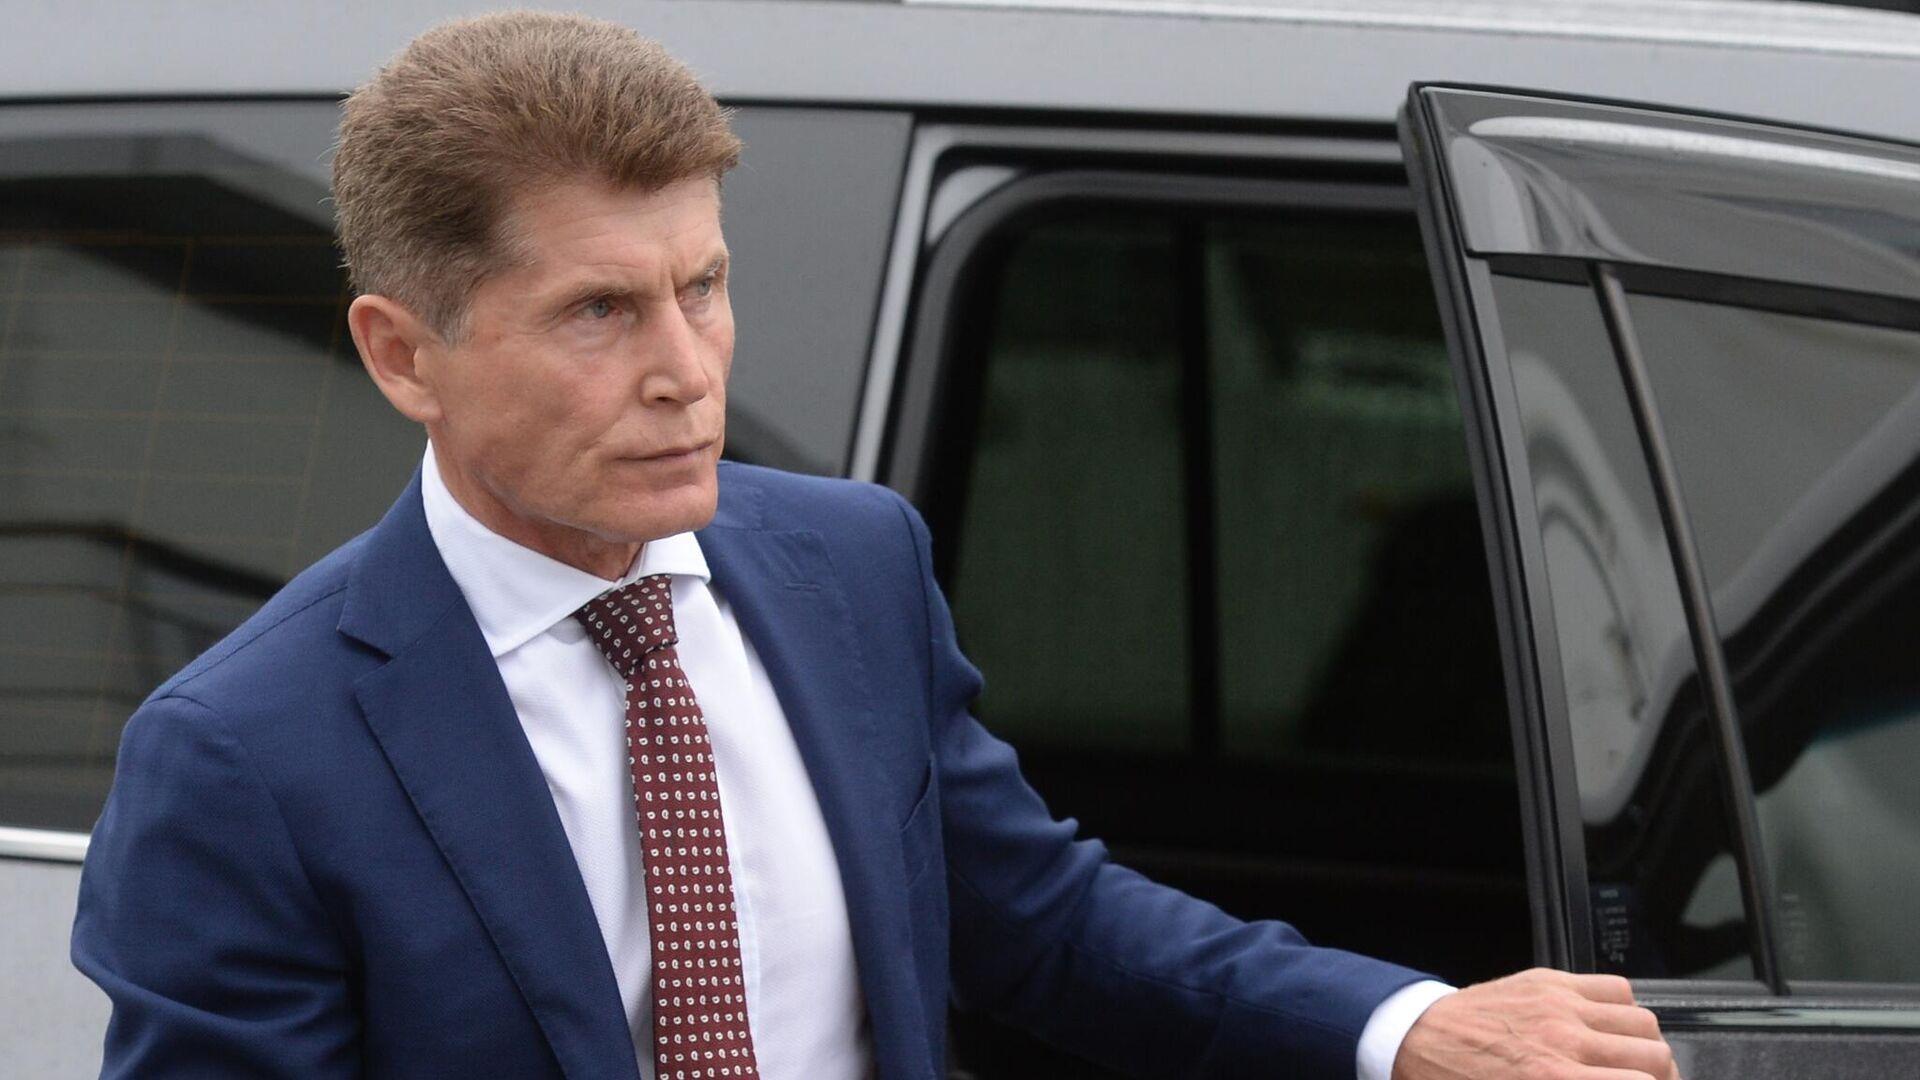 Пресс-секретарь Кожемяко прокомментировал заявление депутата Ищенко